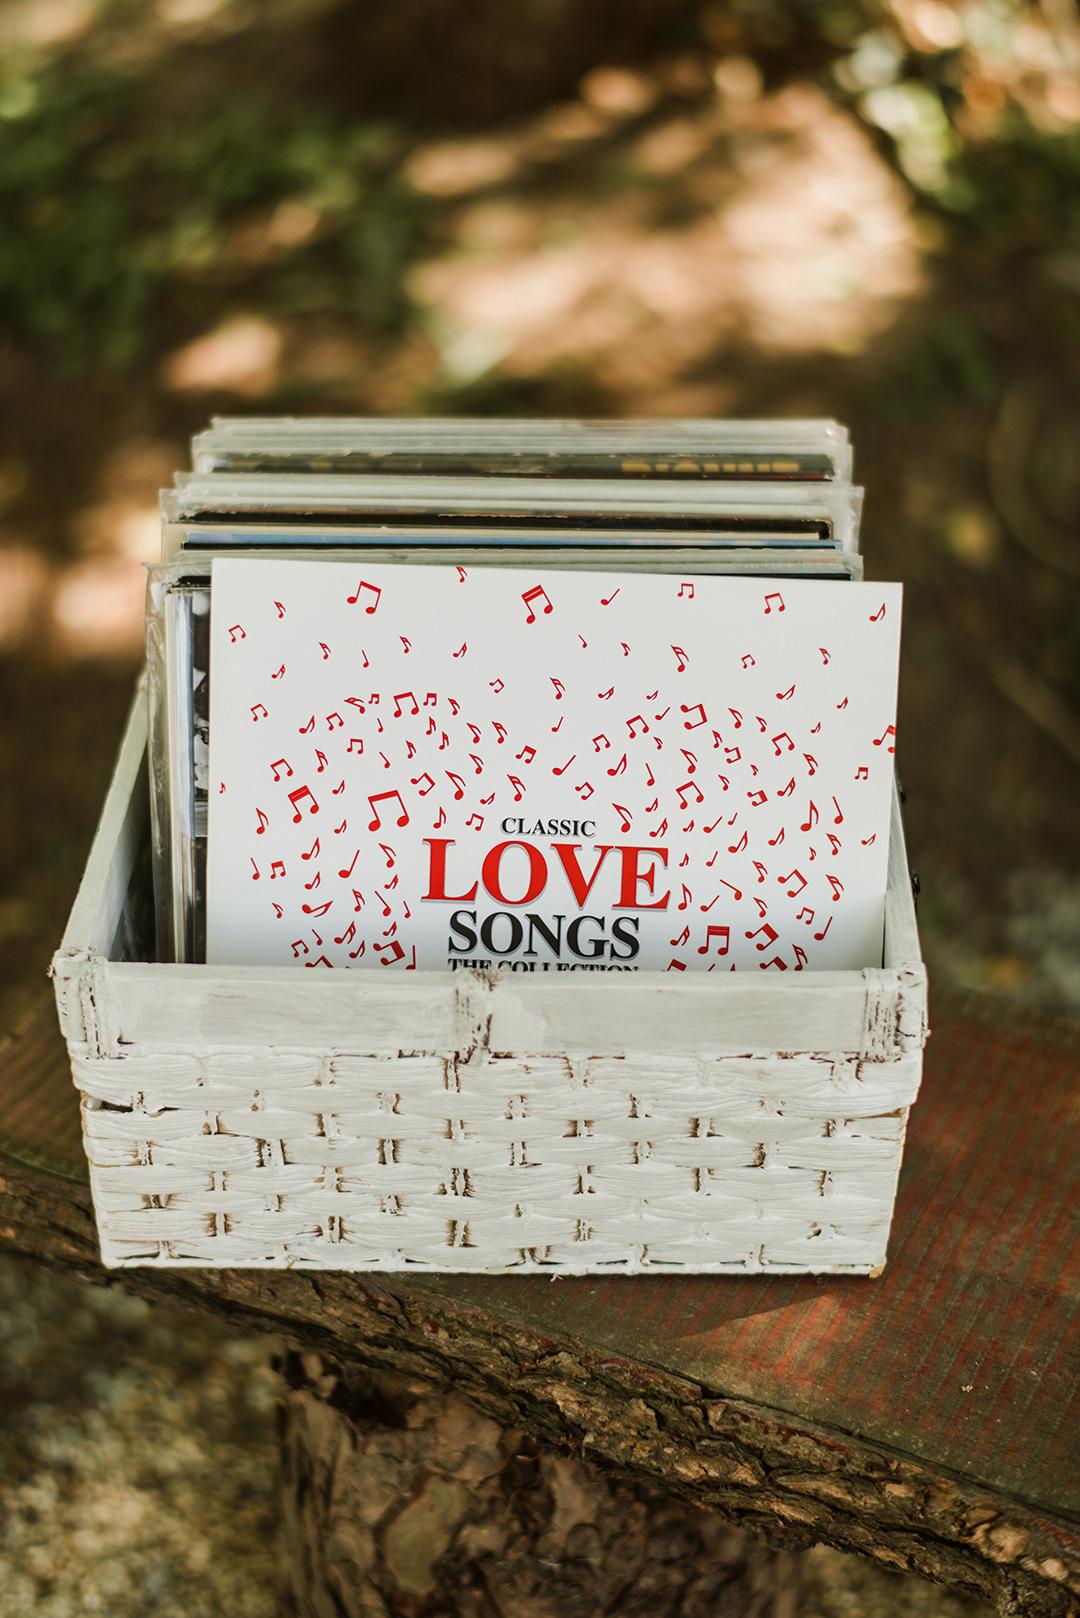 love song vinyls